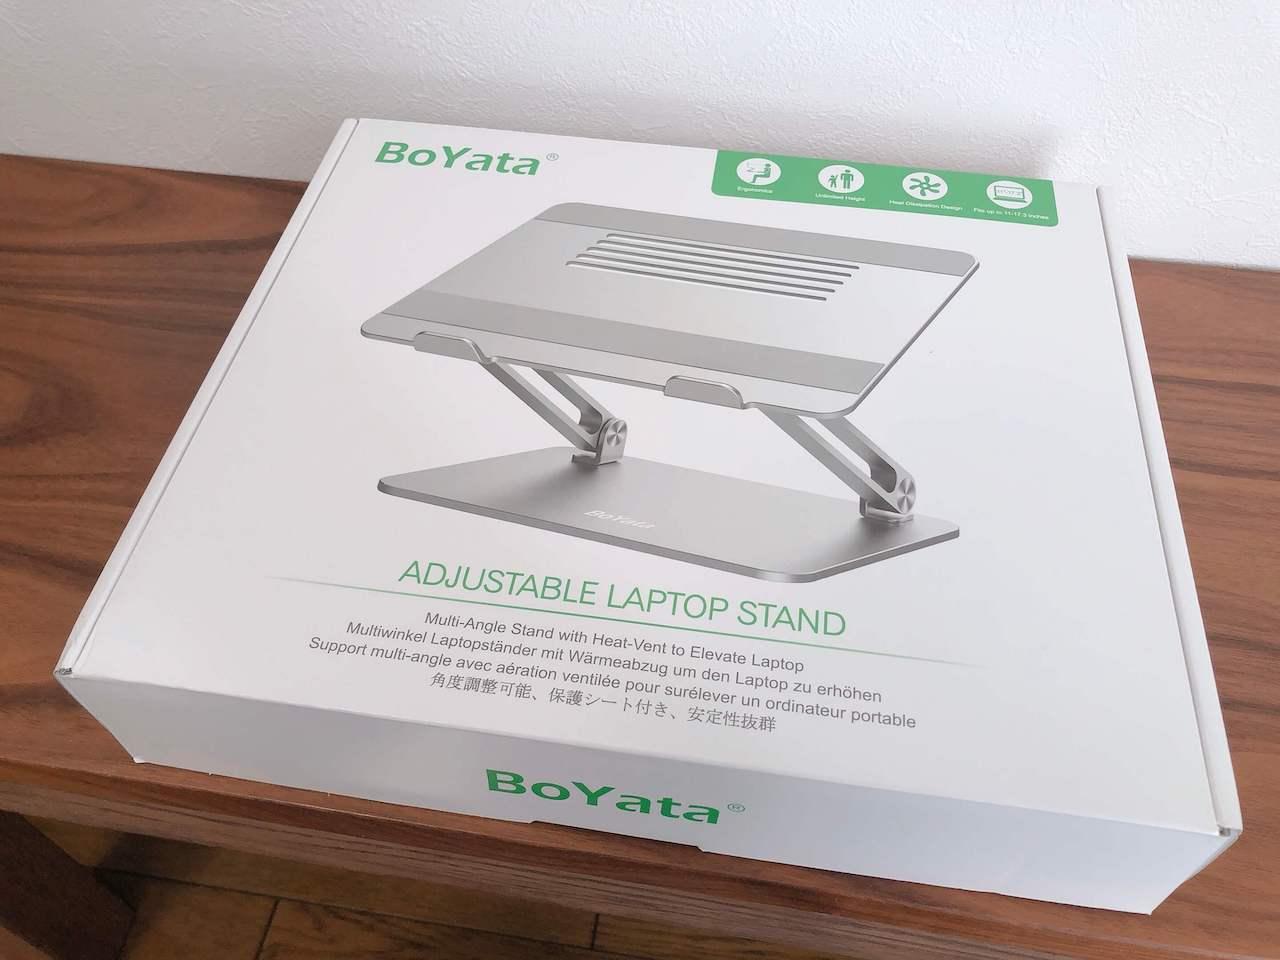 BoYataのラップトップスタンドの写真です。